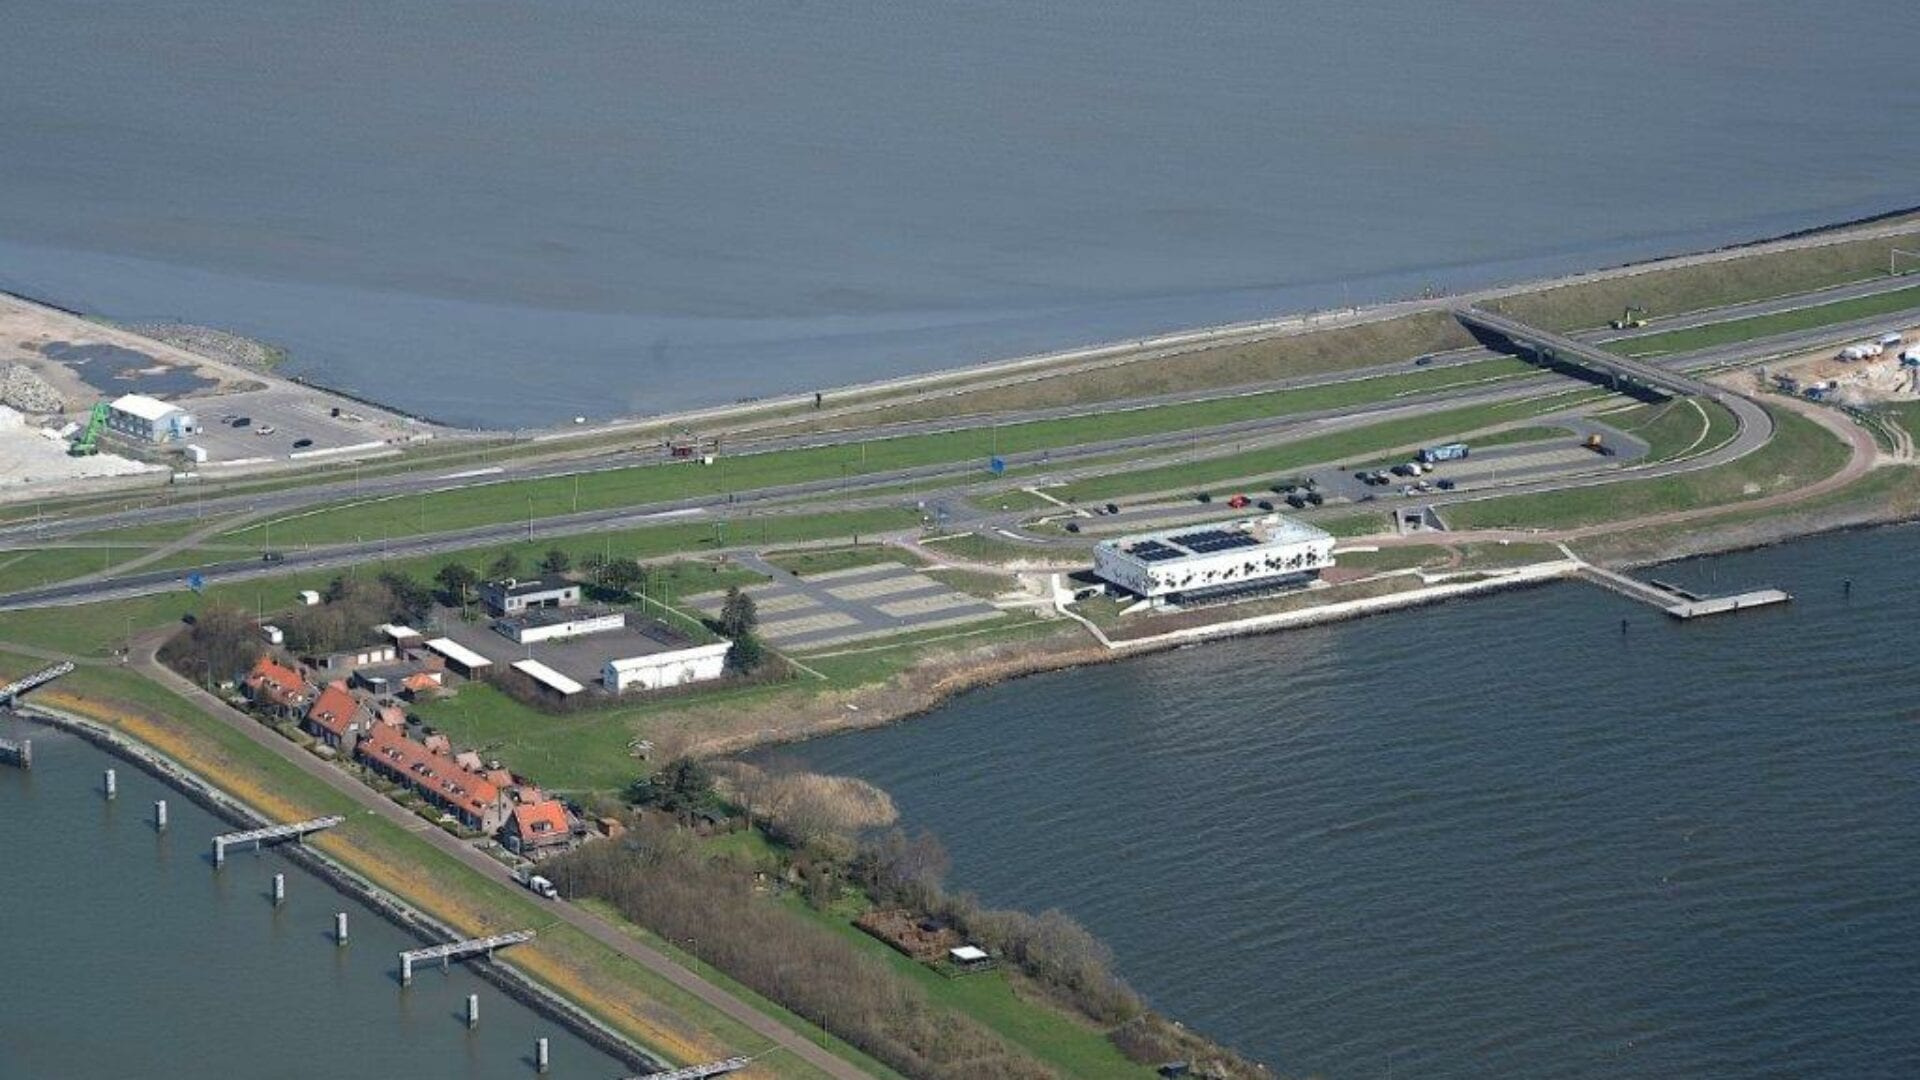 Luchtfoto van het Afsluitdijk Wadden Center. Horizontaal zie je de weg van de Afsluitdijk lopen. In het midden zien we de huizen van Kornwerderzand. Daarnaast het kantoor van DNA. Volgen wij de weg naar rechts dan zien we het witte gebouw van het Afsluitdijk Wadden Center. Je ziet de weg die over de Afsluitdijk loopt. Aan de beide kanten van de weg zie je water.